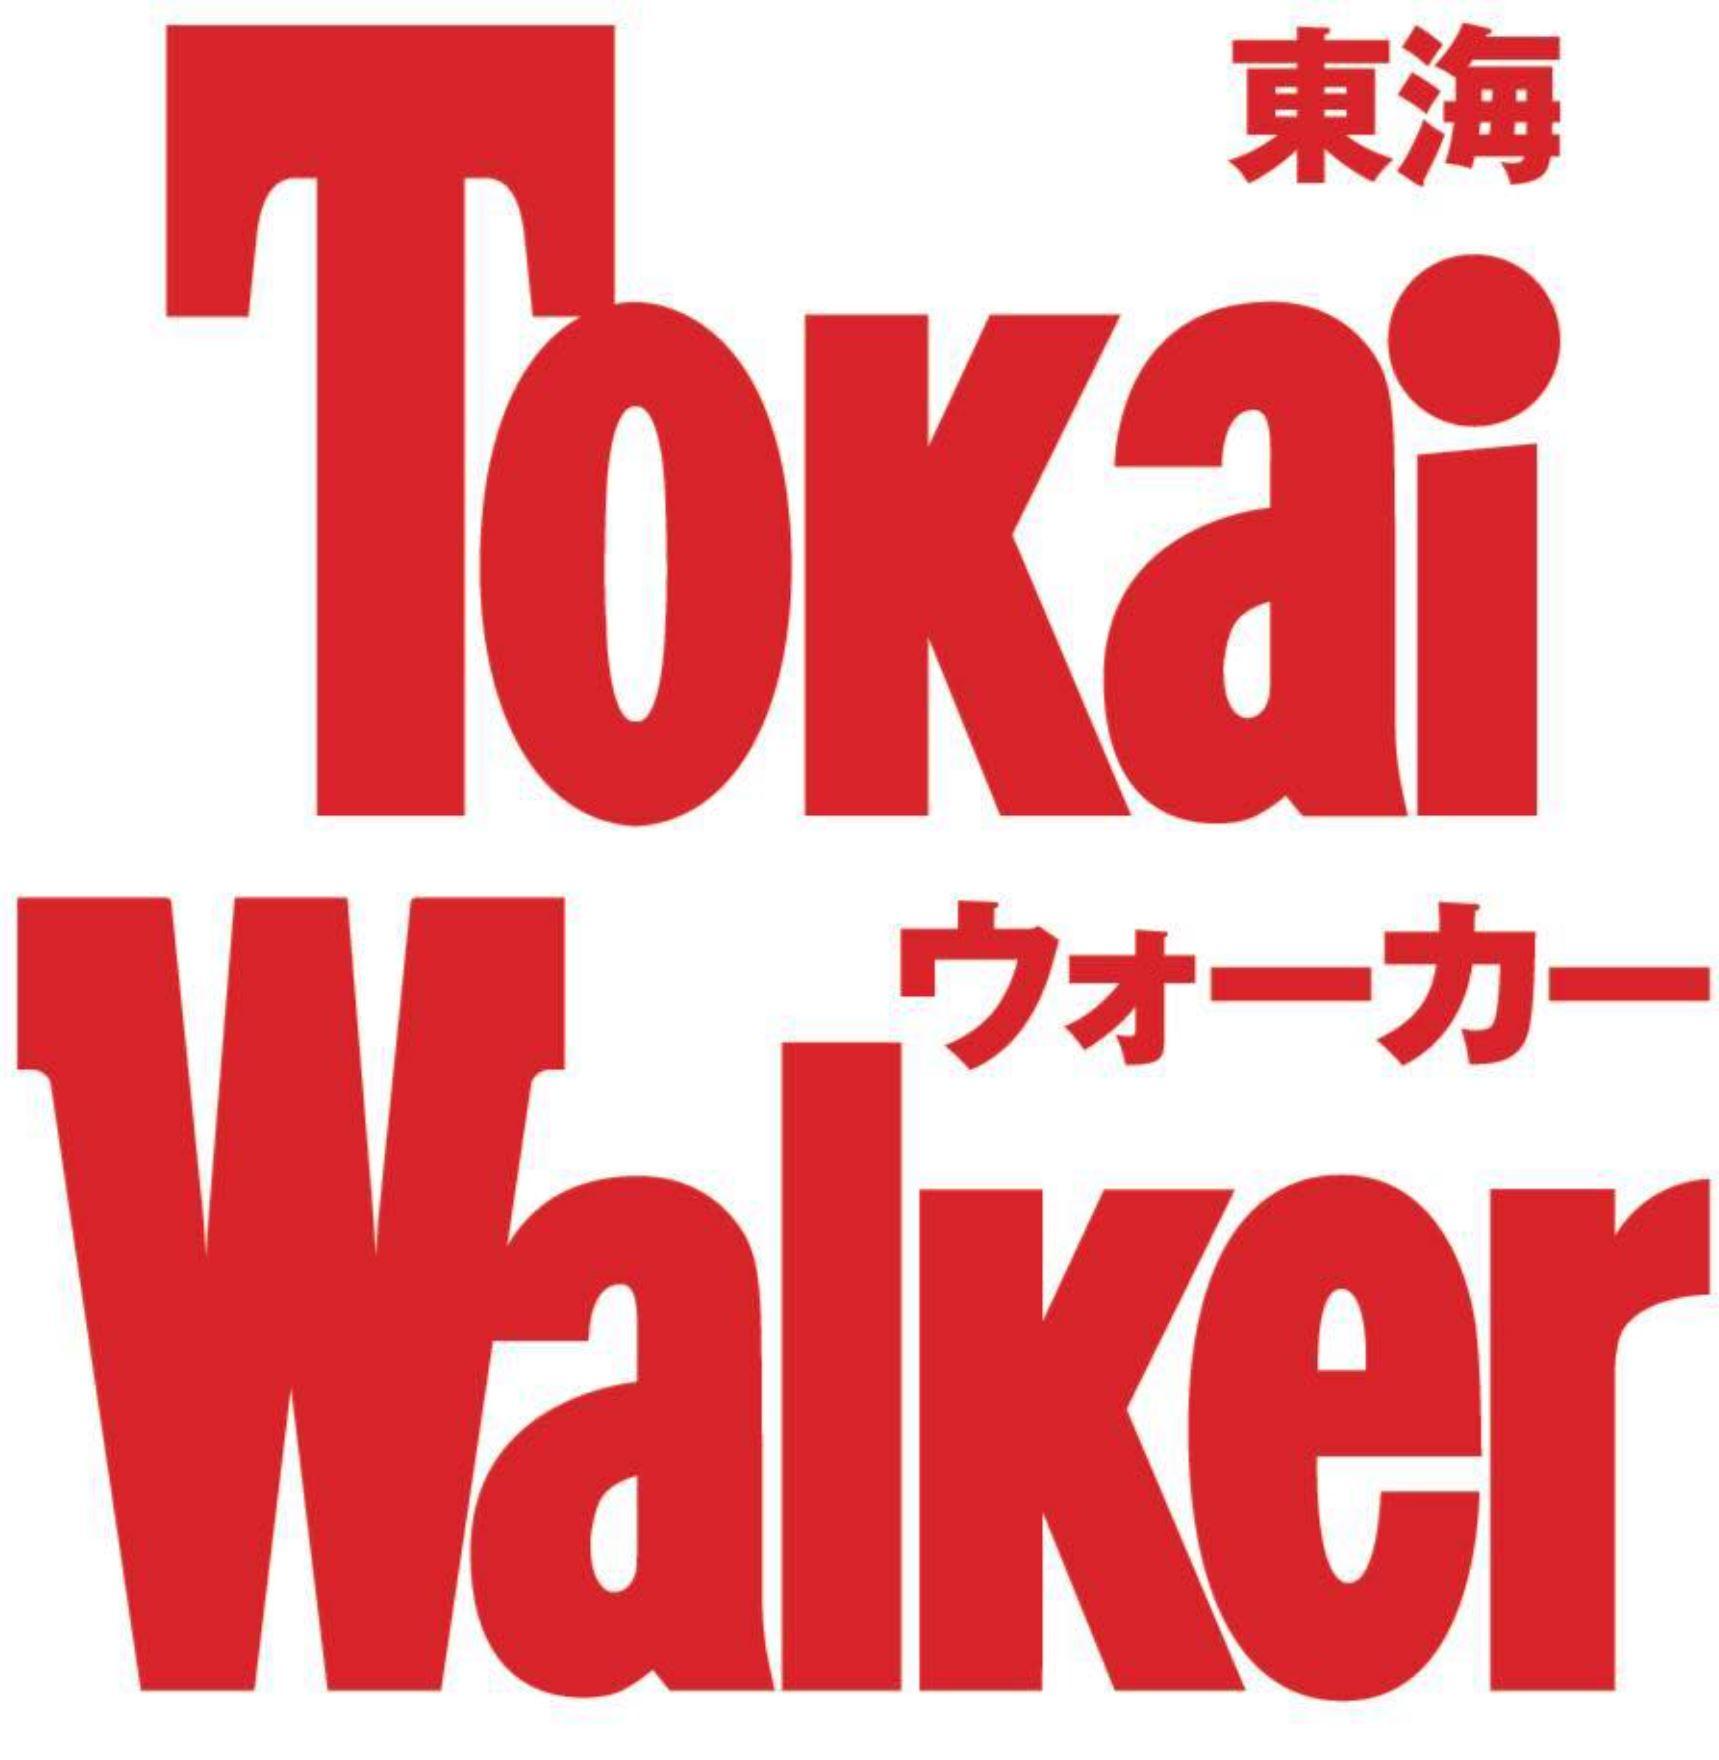 東海ウォーカー7月号予約できる通販や店舗紹介!予約再開・再入荷は?松村北斗表紙!